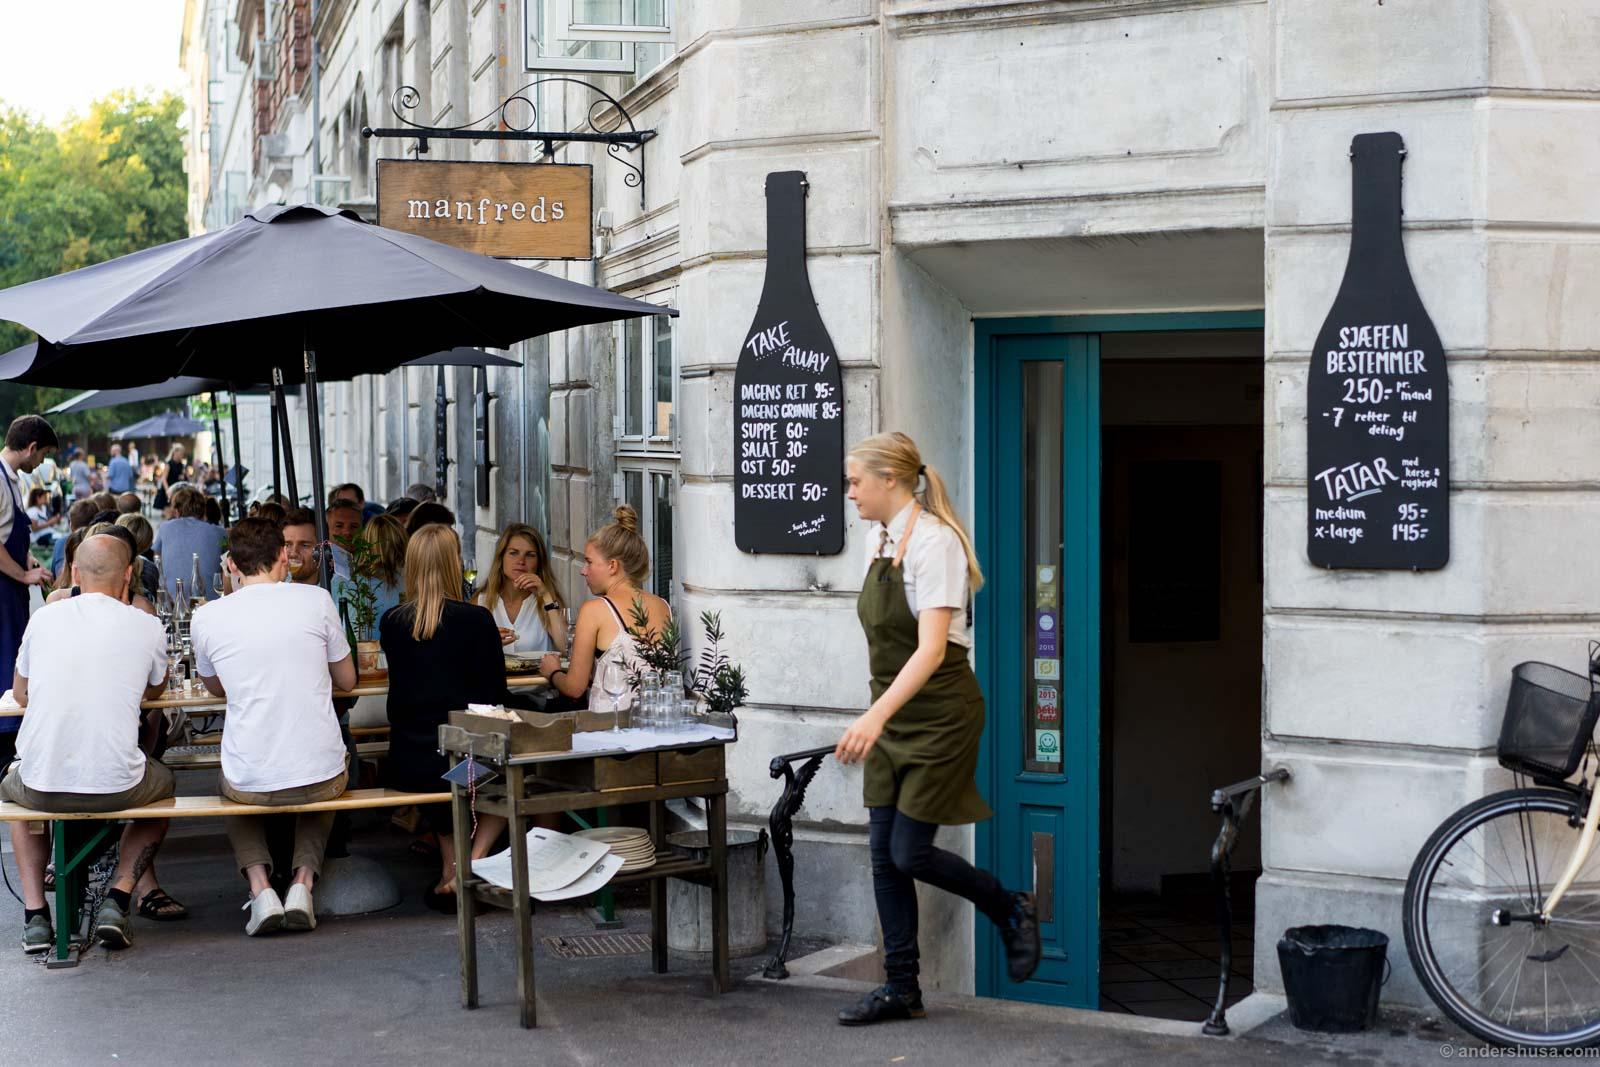 Manfreds in trendy Copenhagen neighbourhood Norrebro.